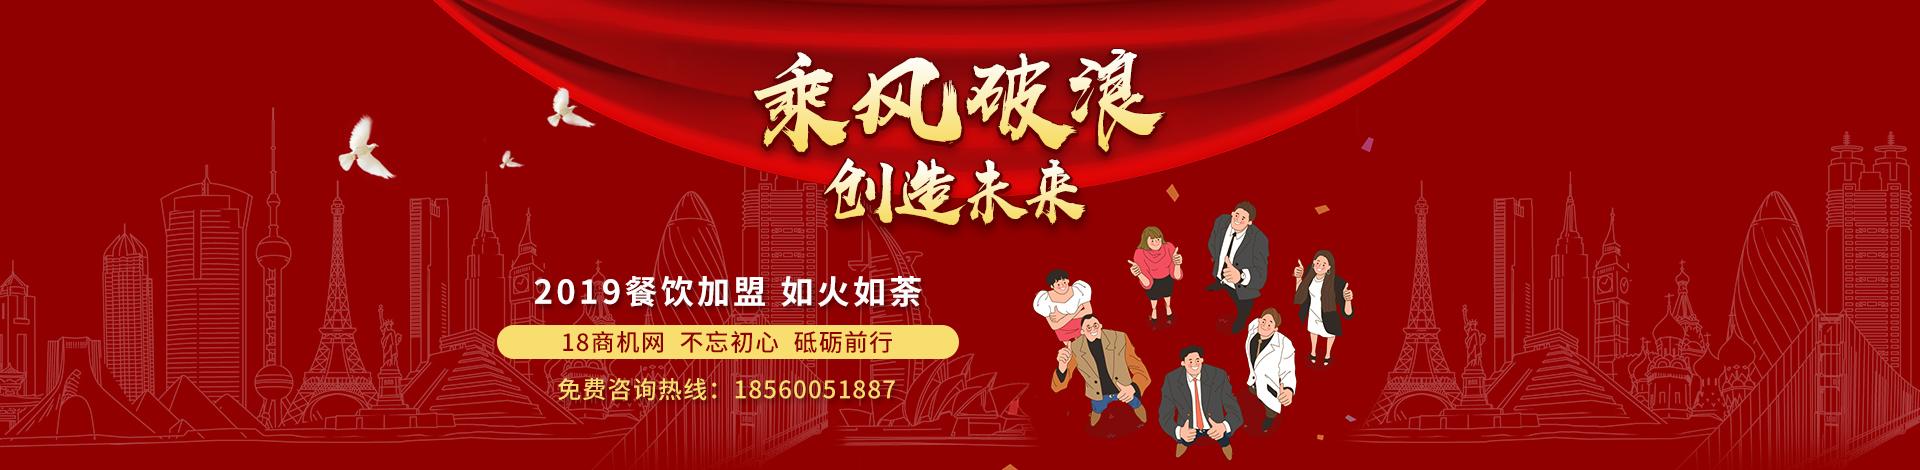 山东壹必捌网络科技有限公司